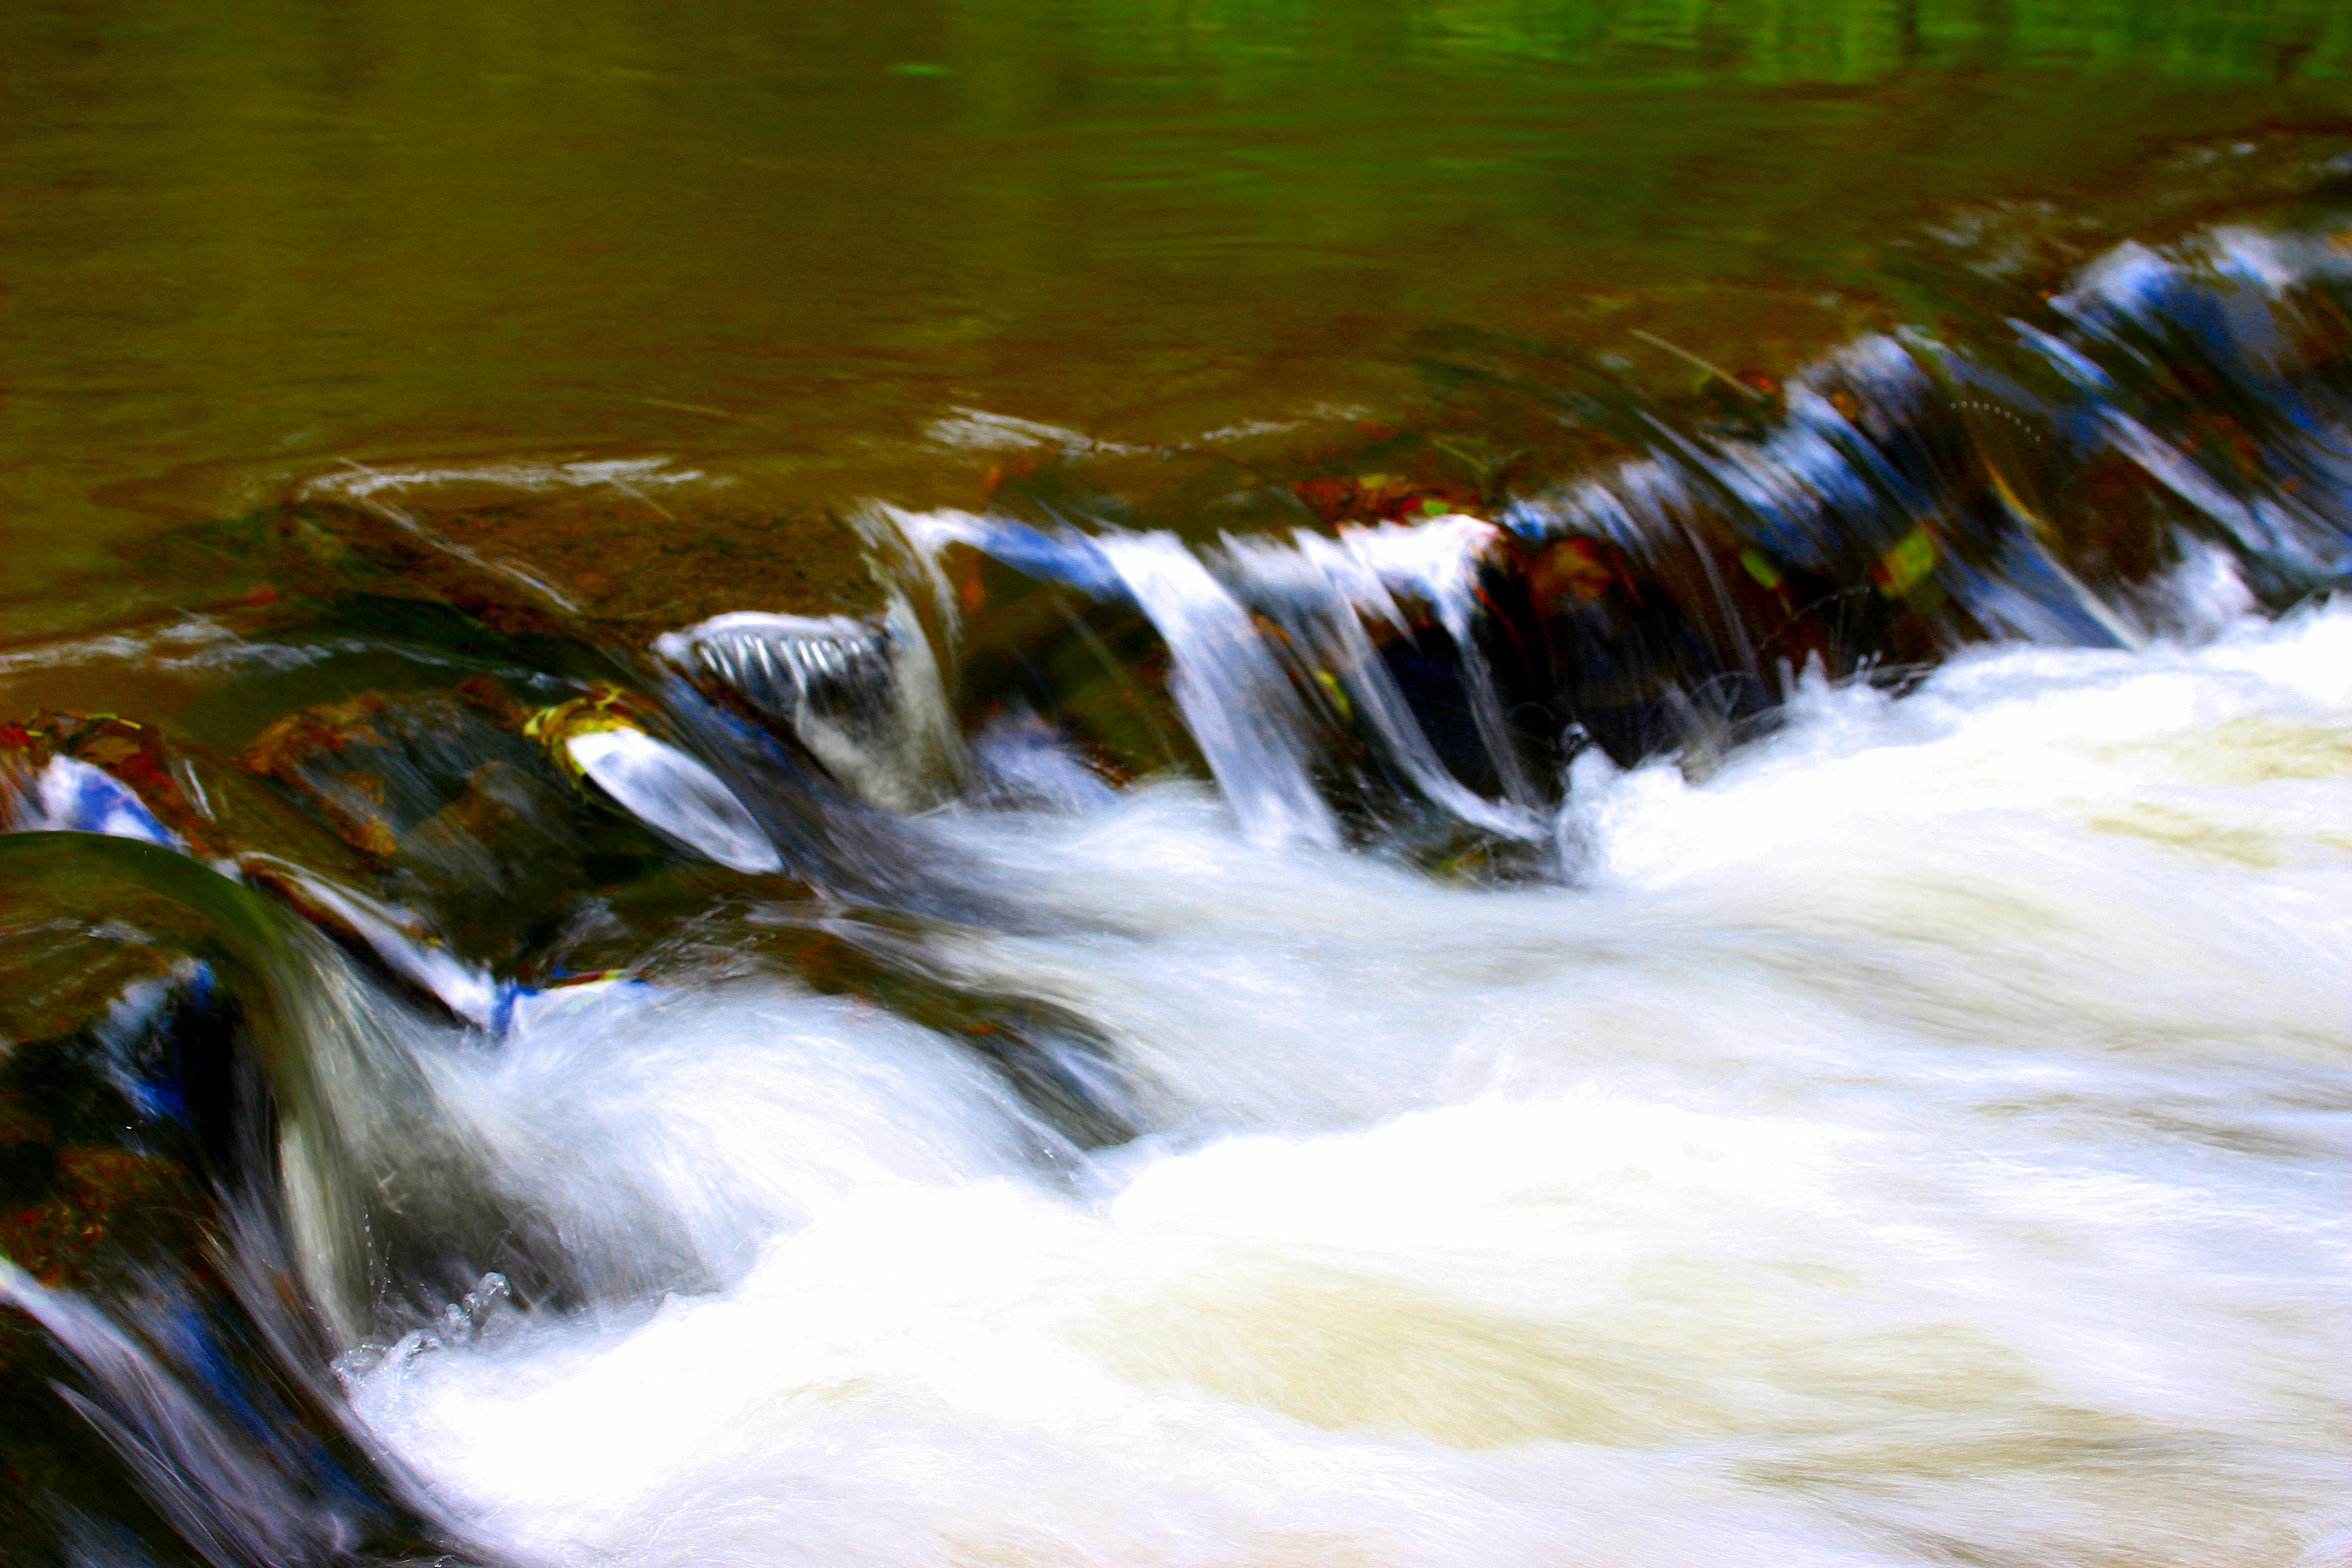 voda Příroda vodopád vlna řeka proud tok odraz kaluž rychlý romantický  dlouhé expozice bublina tělo z e5bff4cf9a8